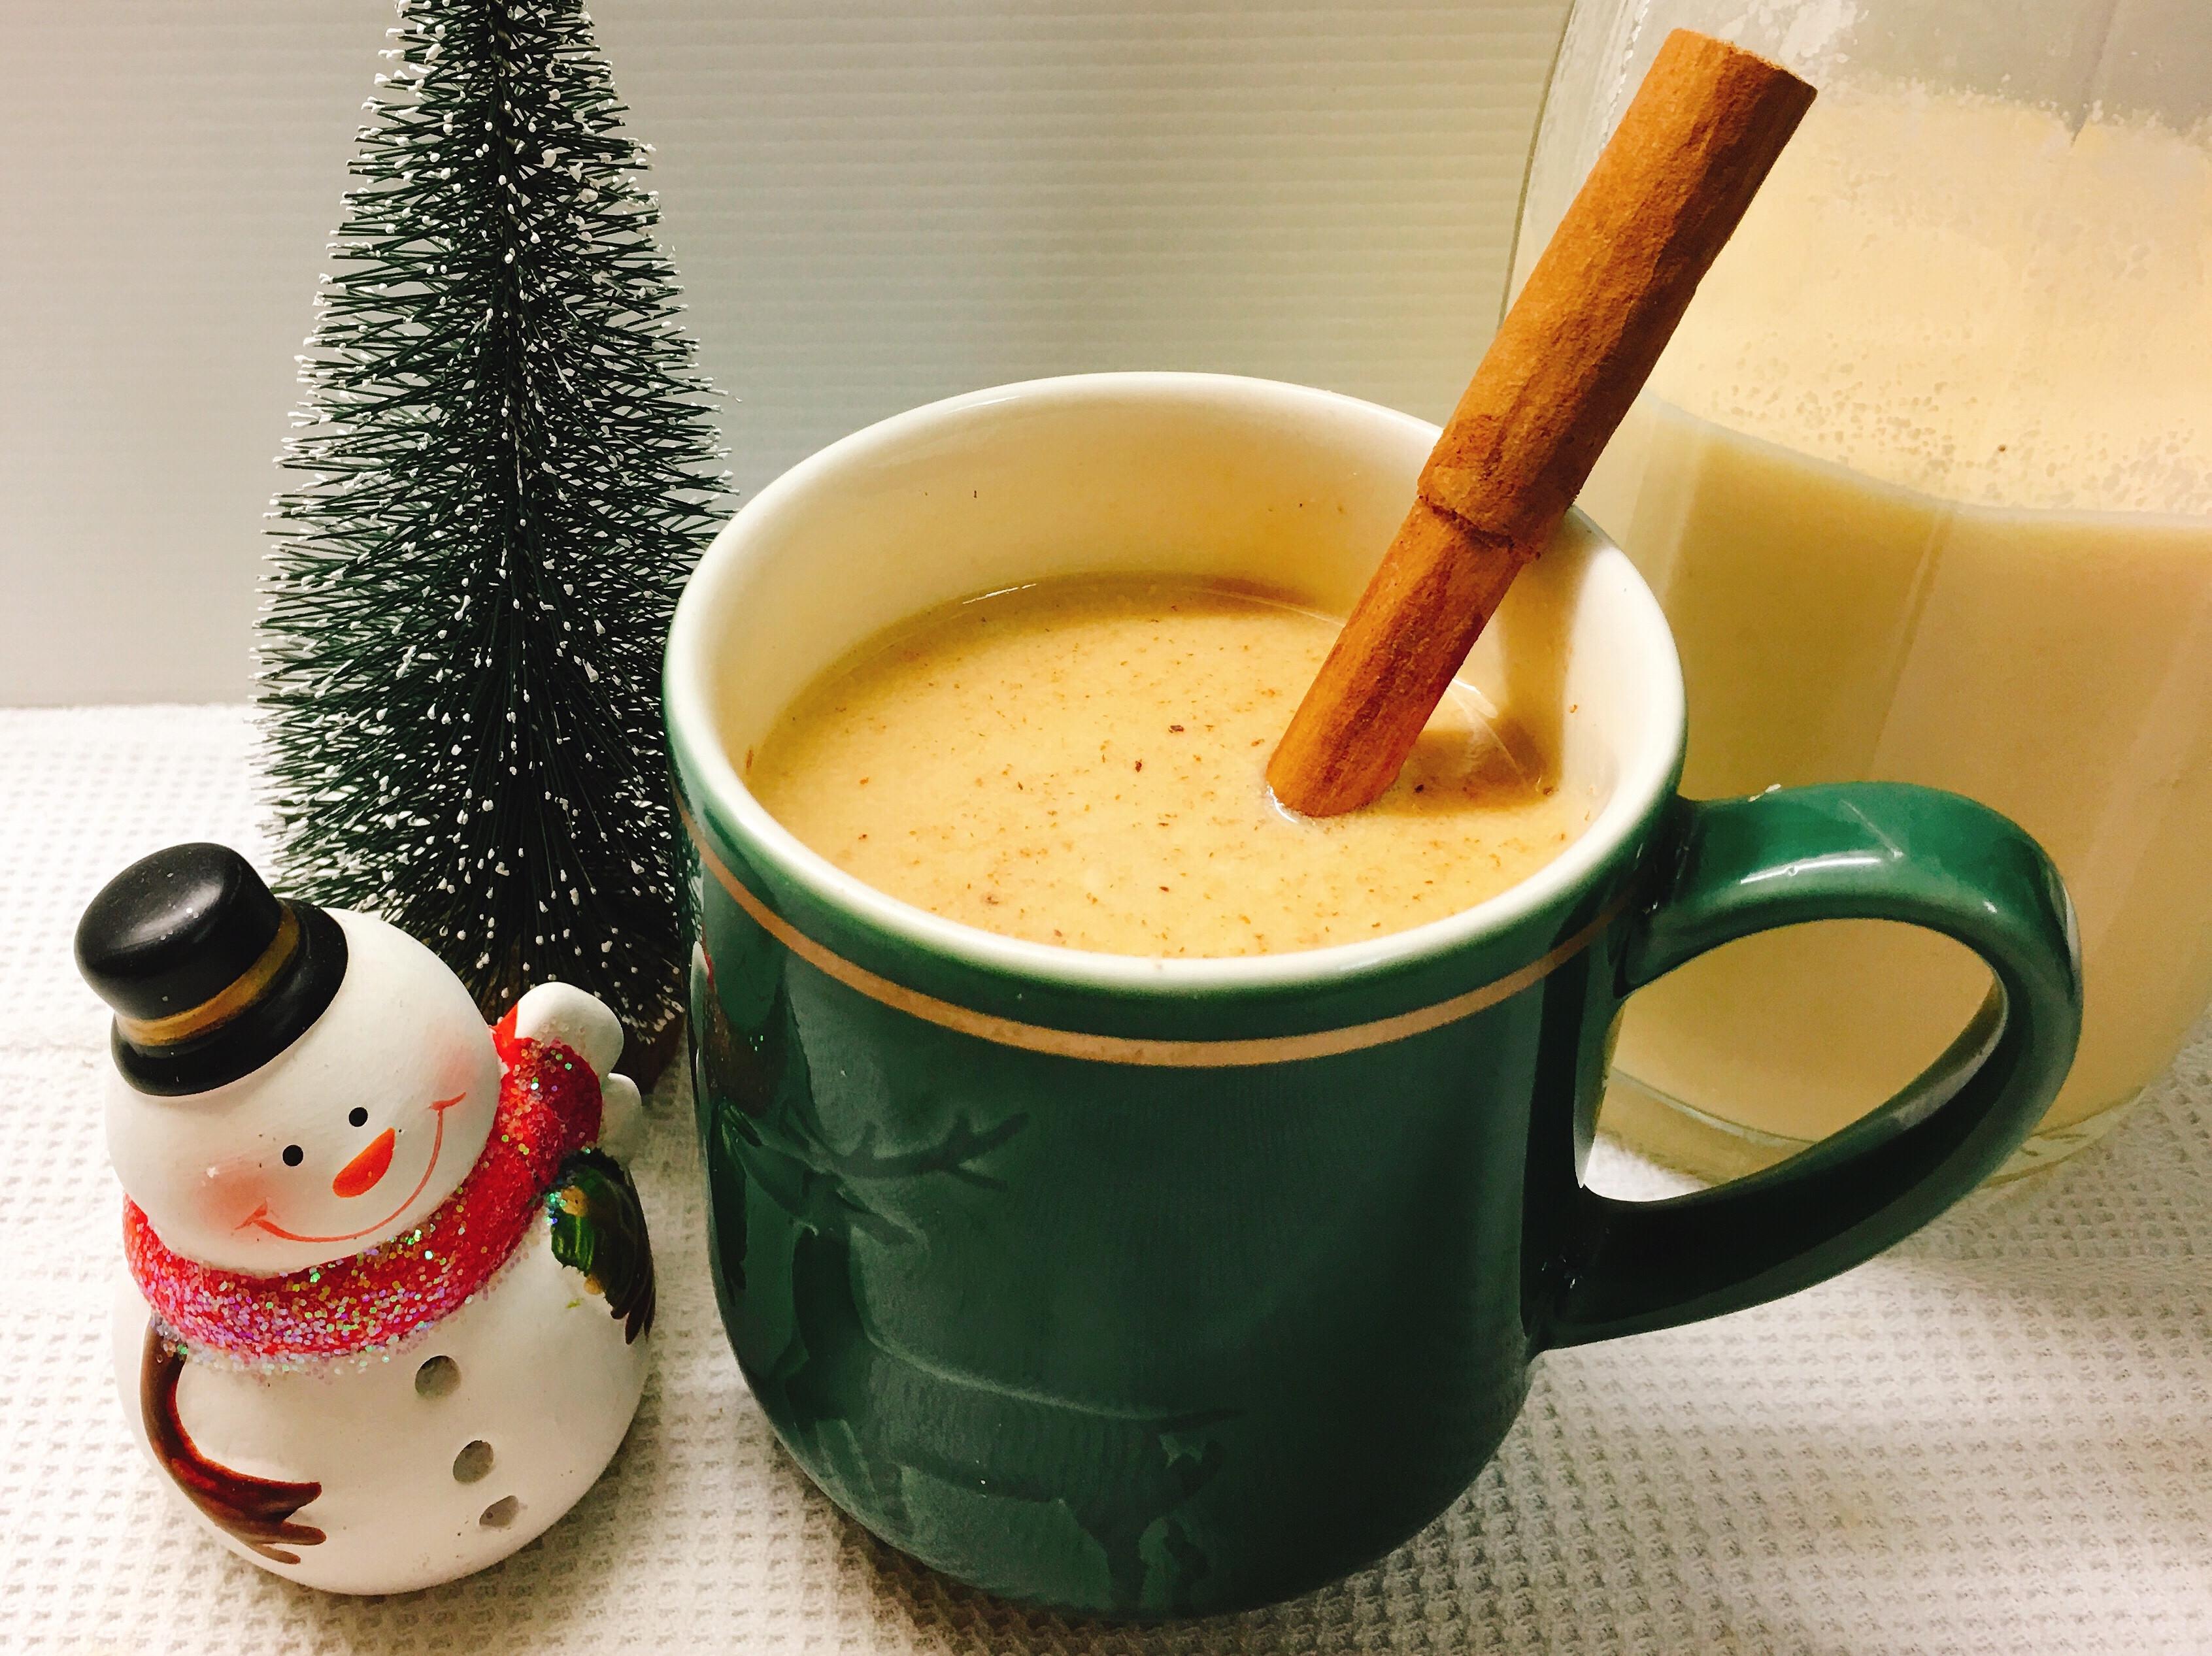 Eggnog 聖誕蛋奶酒(咖啡)